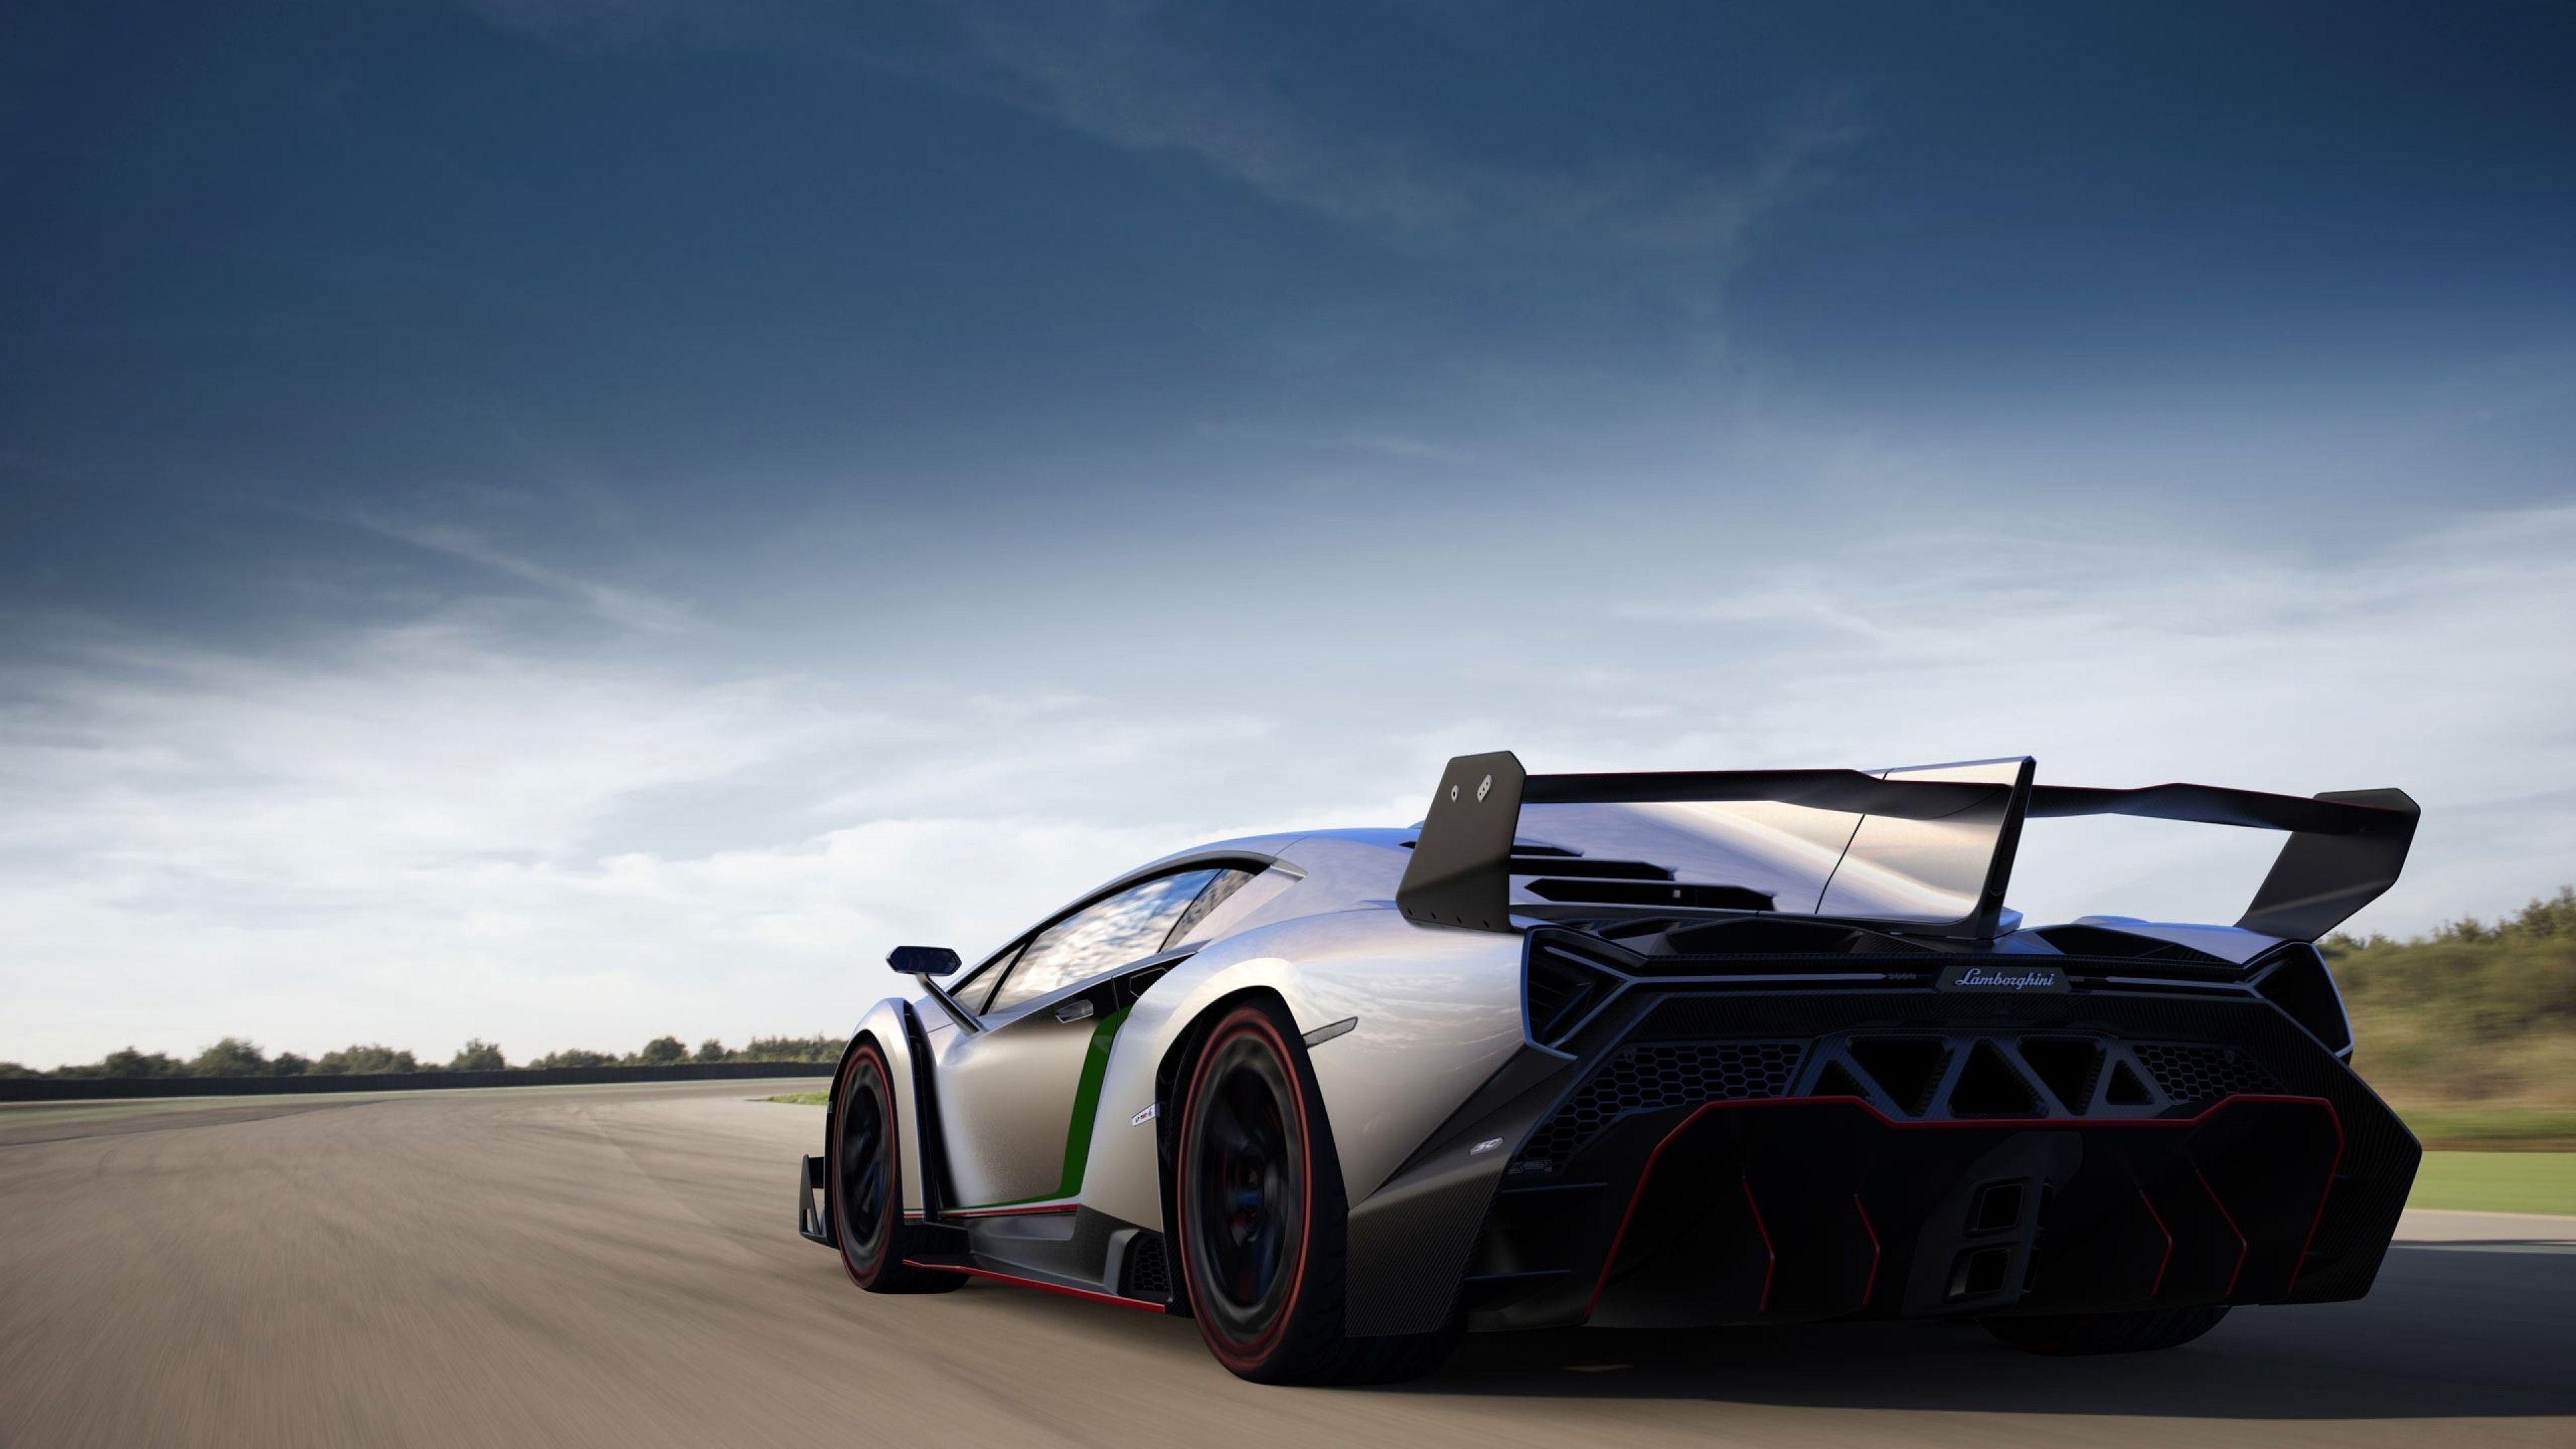 Lamborghini Veneno Wallpaper Desktop With High Definition